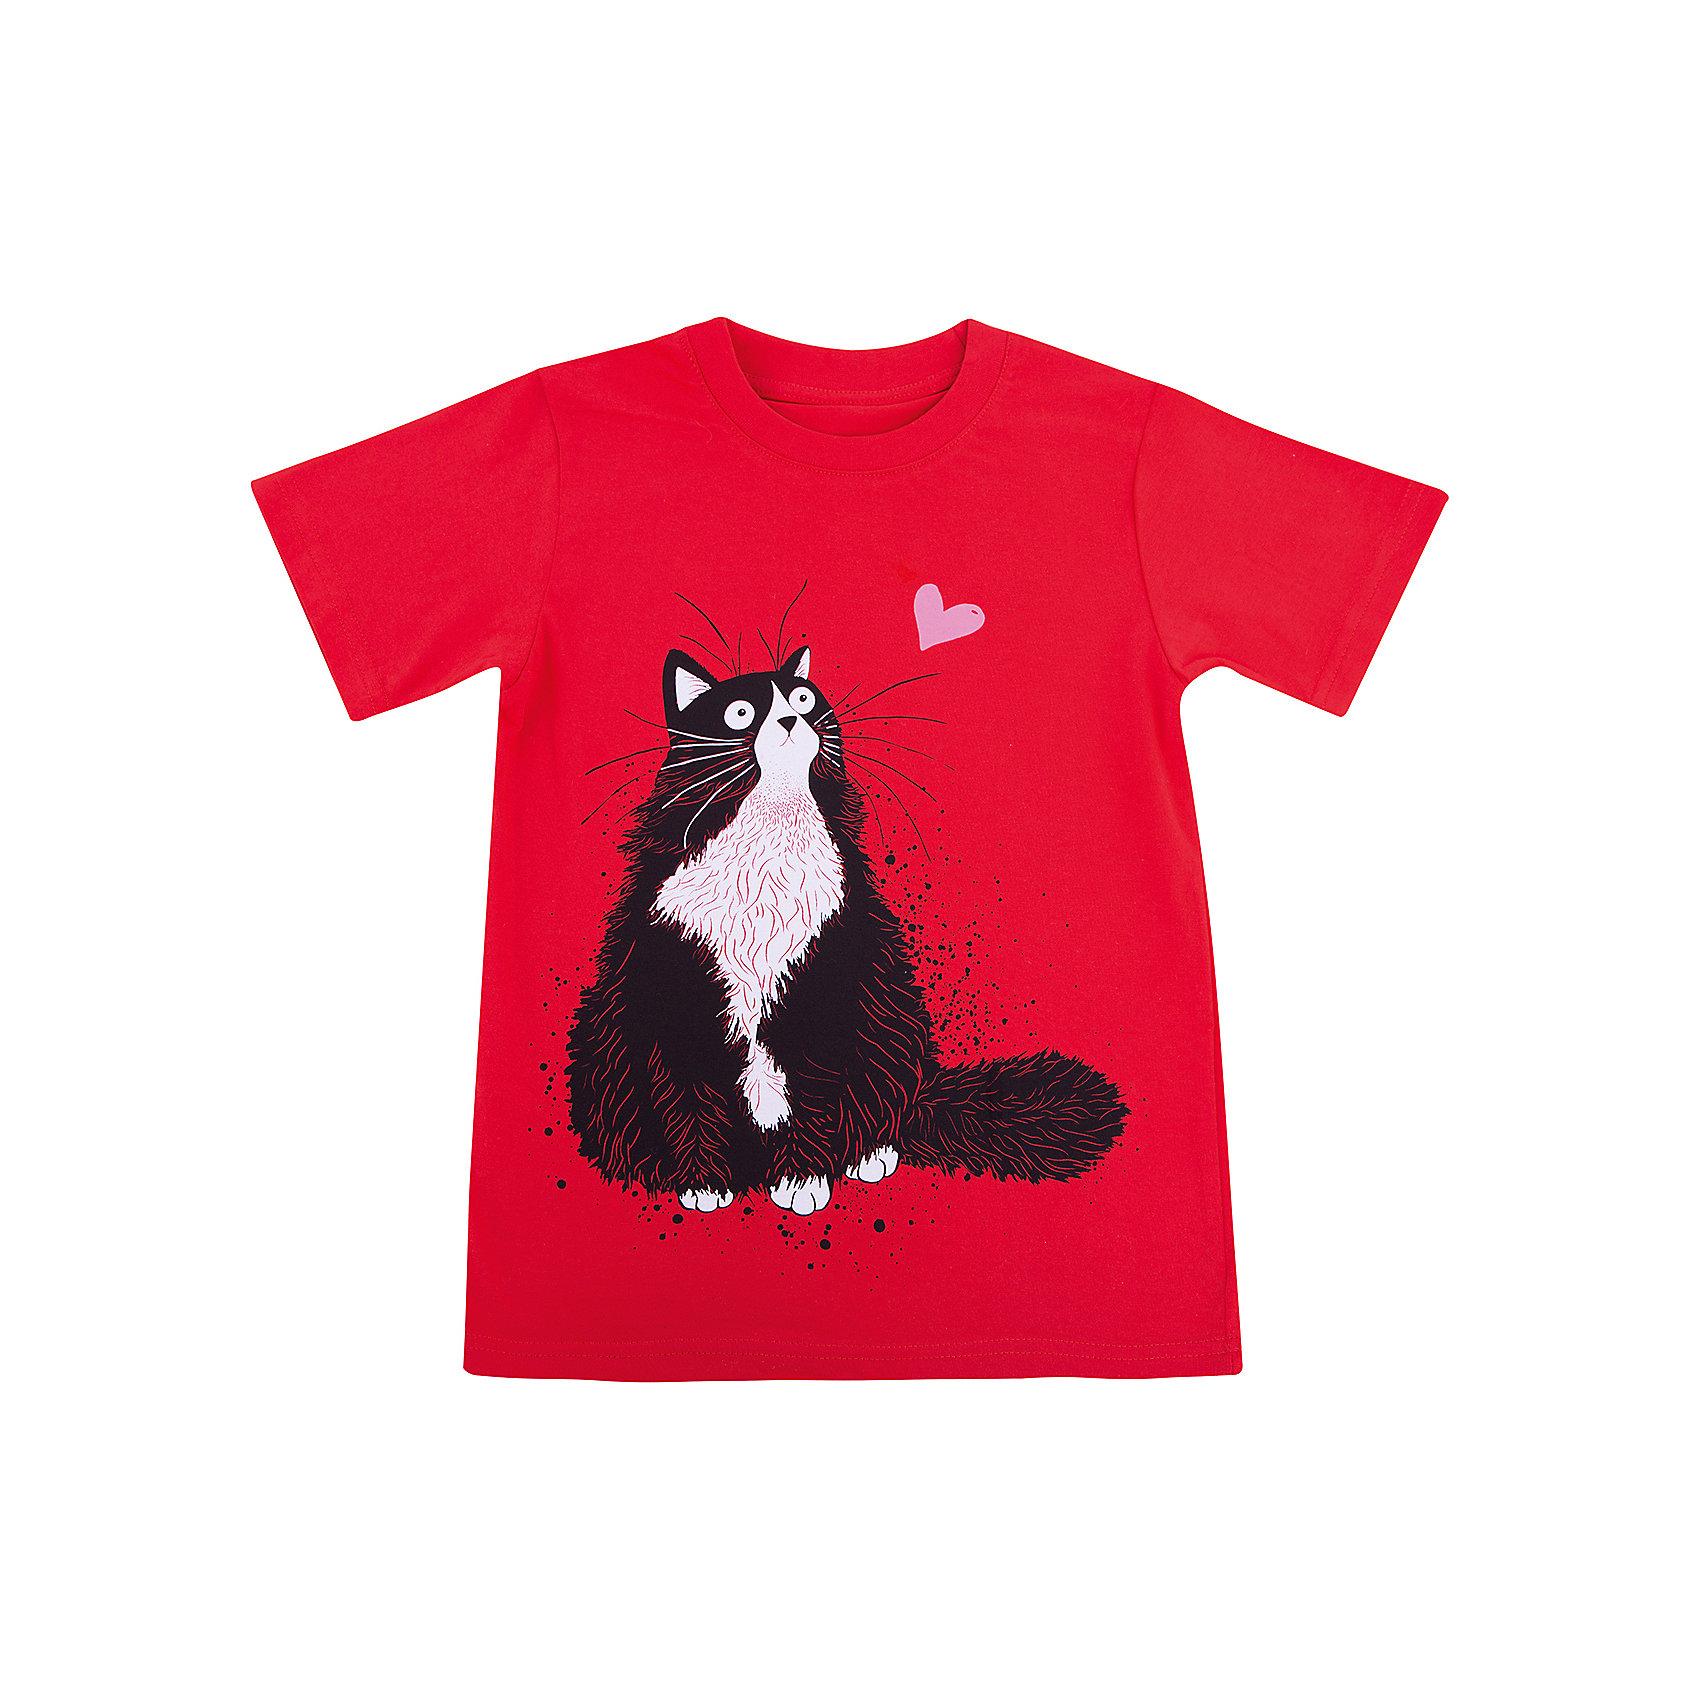 Футболка для девочки WOWФутболки, поло и топы<br>Футболка для девочки WOW<br>Незаменимой вещью в  гардеробе послужит футболка с коротким рукавом. Стильная и в тоже время комфортная модель, с яркой оригинальной печатью, будет превосходно смотреться на ребенке.<br>Состав:<br>кулирная гладь 100% хлопок<br><br>Ширина мм: 199<br>Глубина мм: 10<br>Высота мм: 161<br>Вес г: 151<br>Цвет: красный<br>Возраст от месяцев: 84<br>Возраст до месяцев: 96<br>Пол: Женский<br>Возраст: Детский<br>Размер: 128,158,152,140,134<br>SKU: 6871600